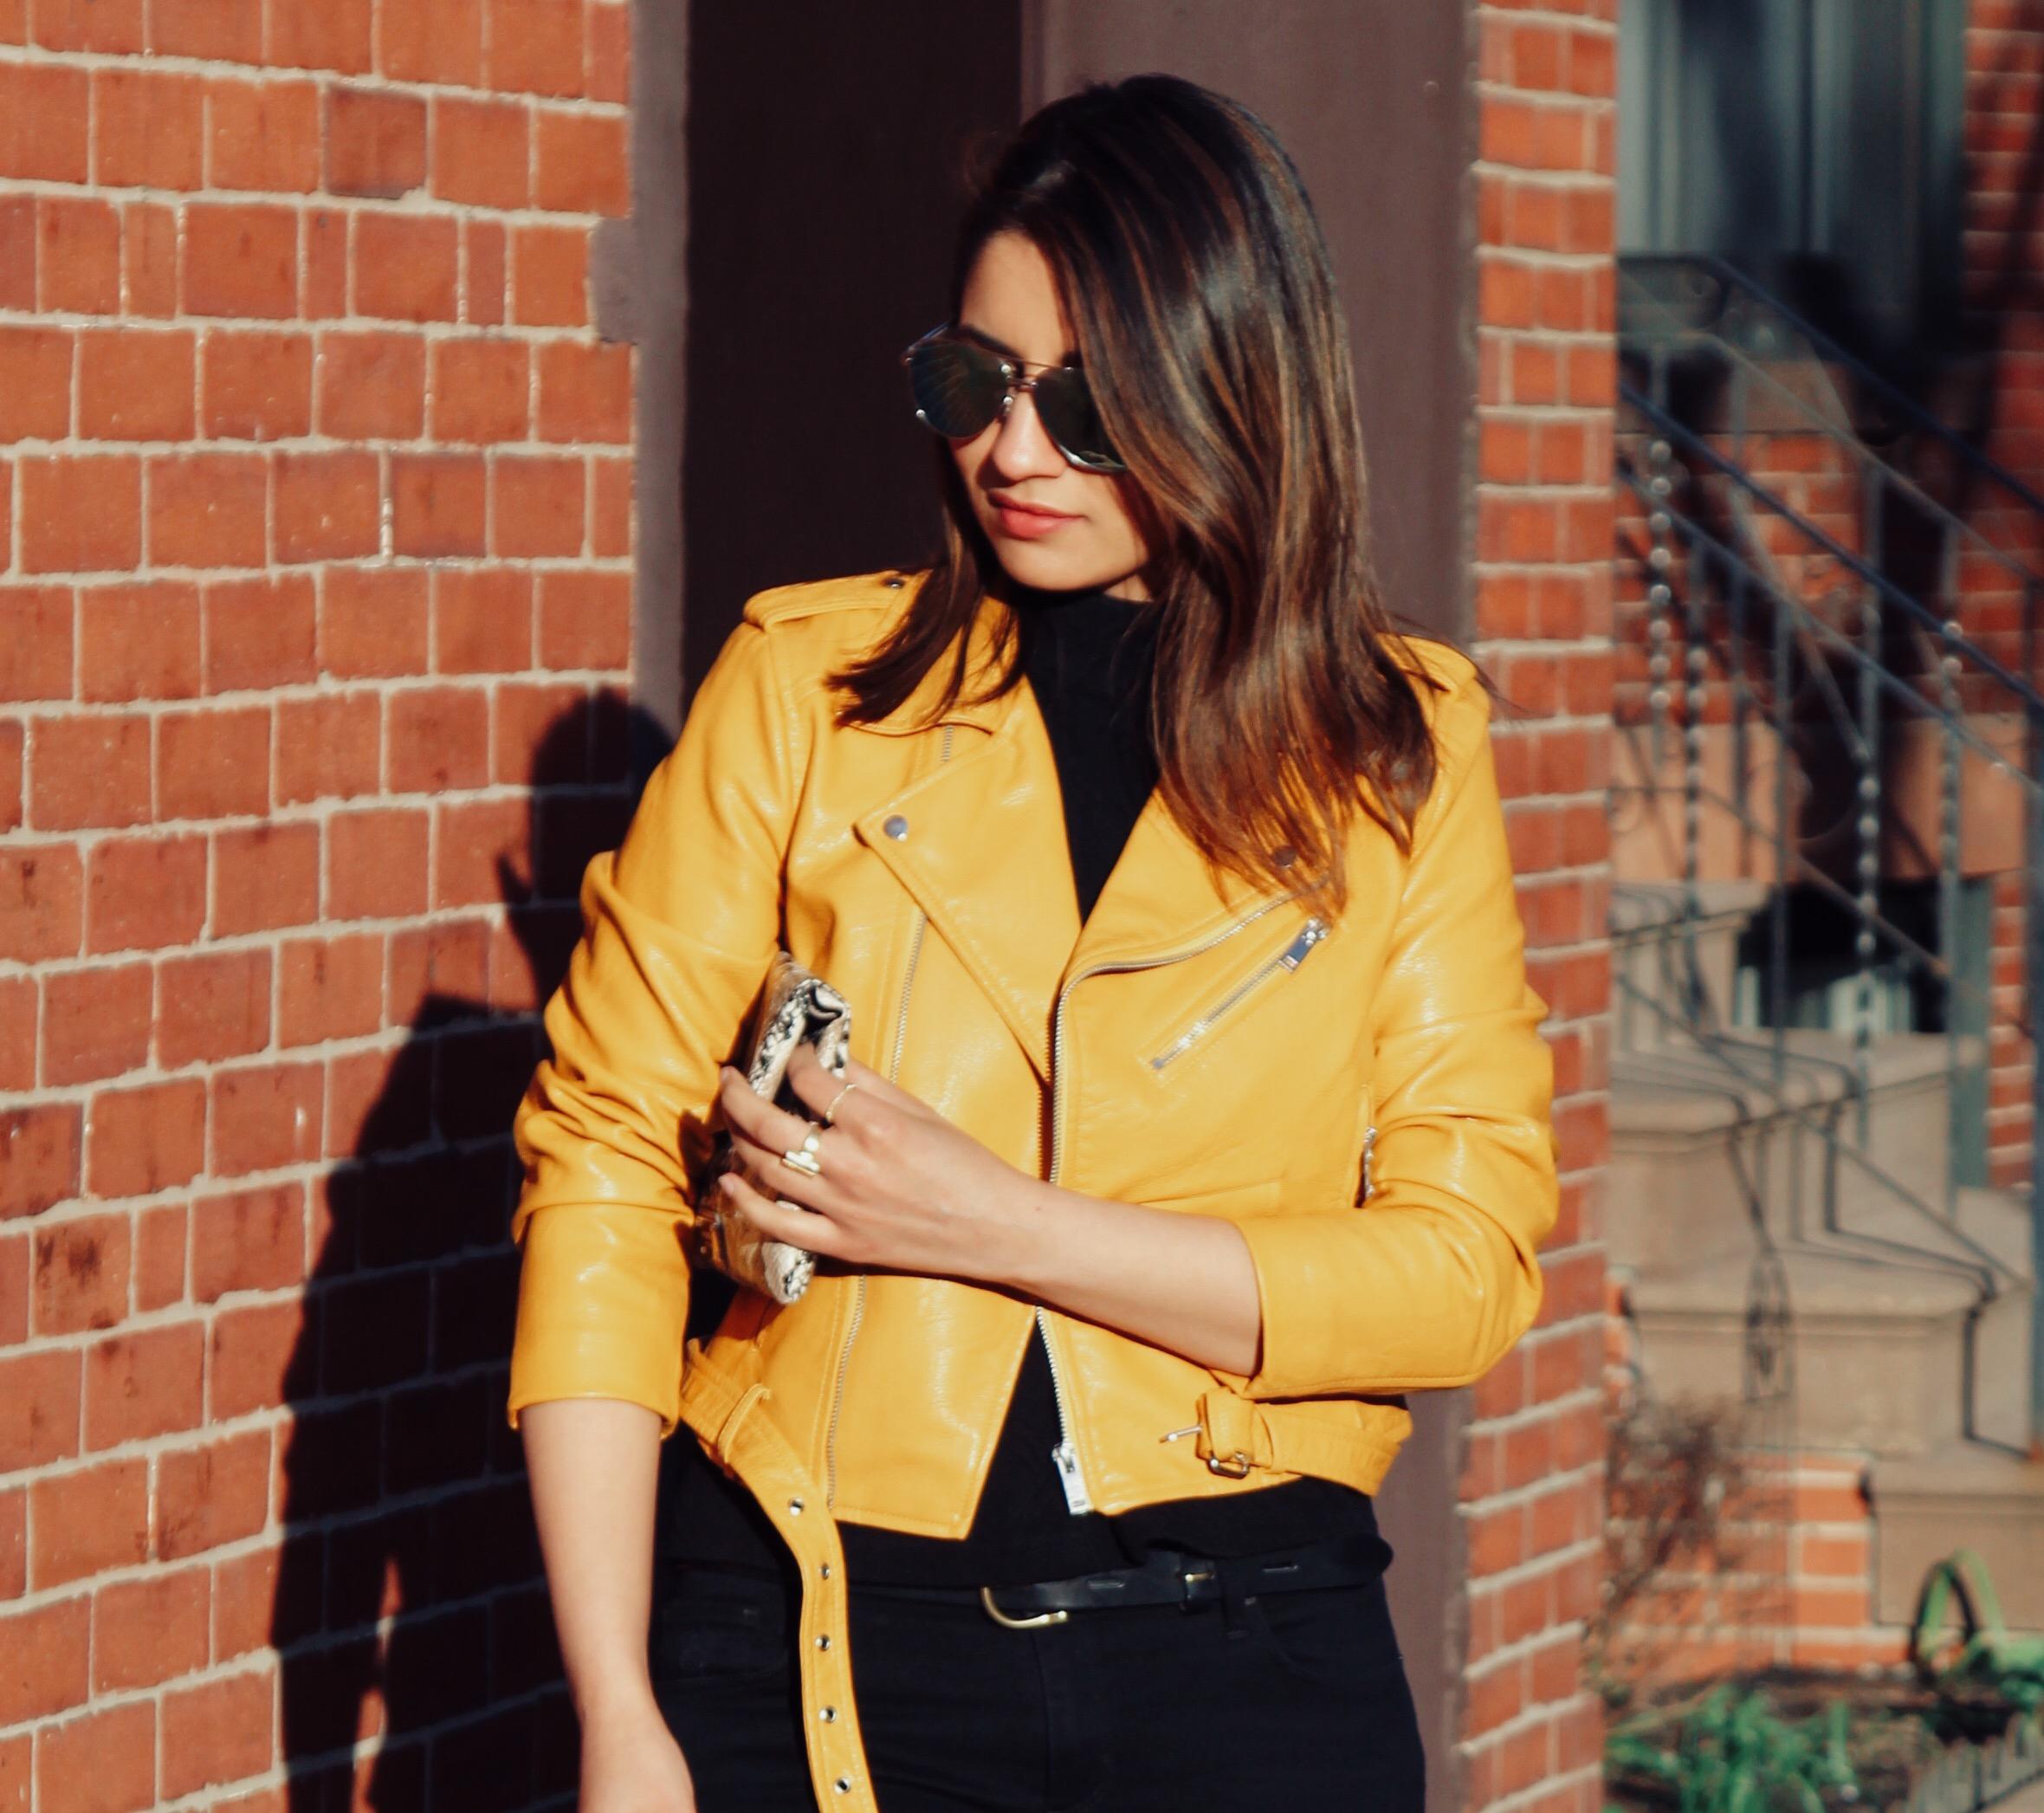 Mustard on the Street